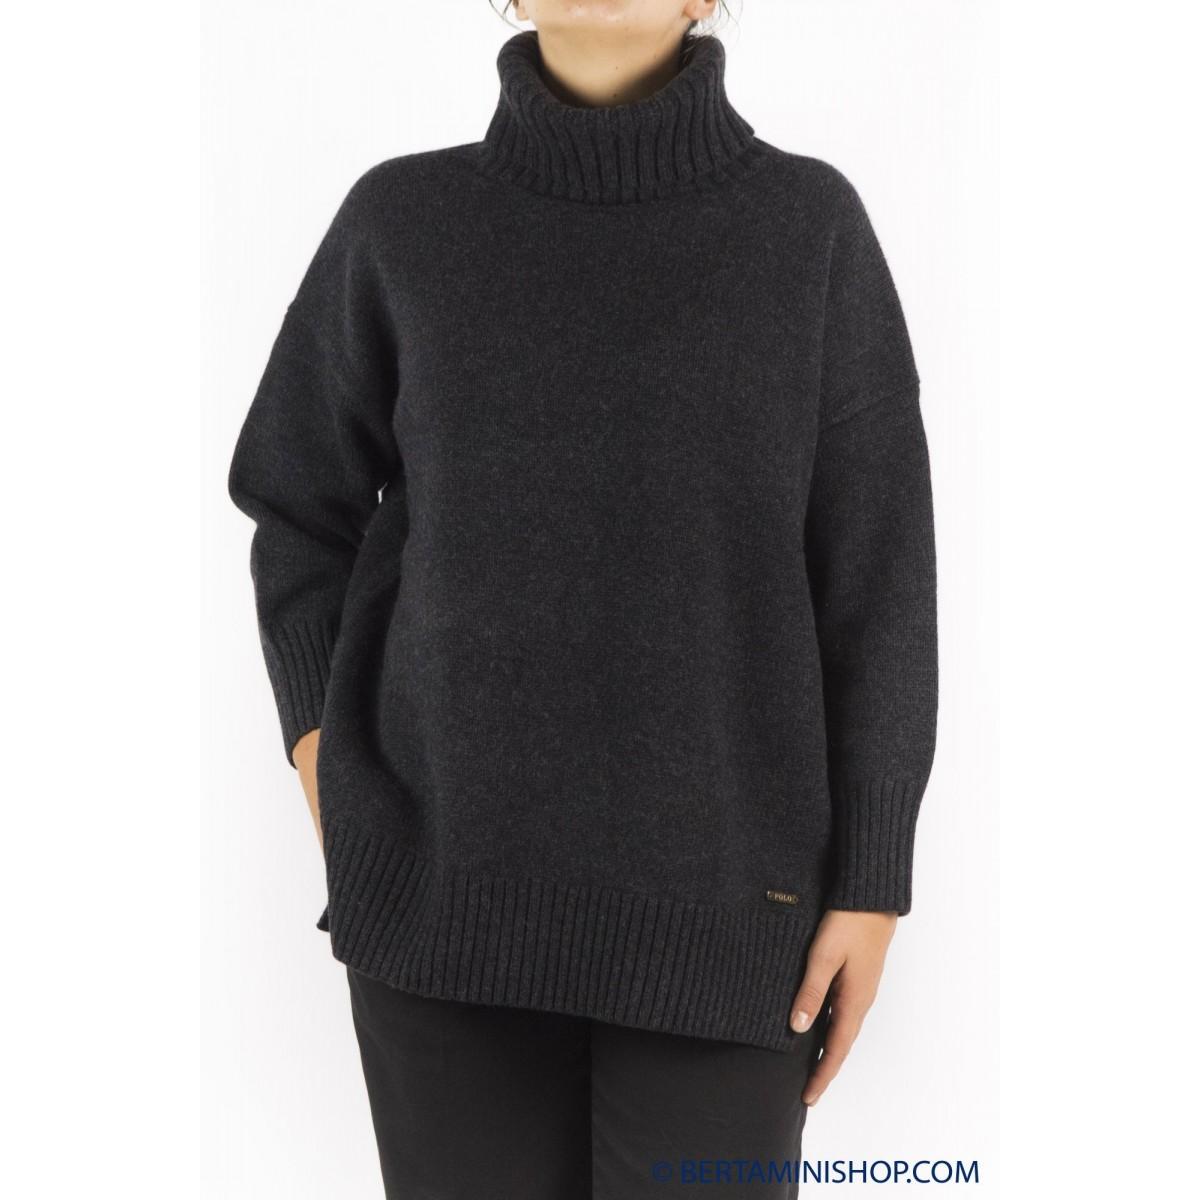 Pullover Ralph Lauren Frauen - V39Id318Wd236 BBD15 - Antracite